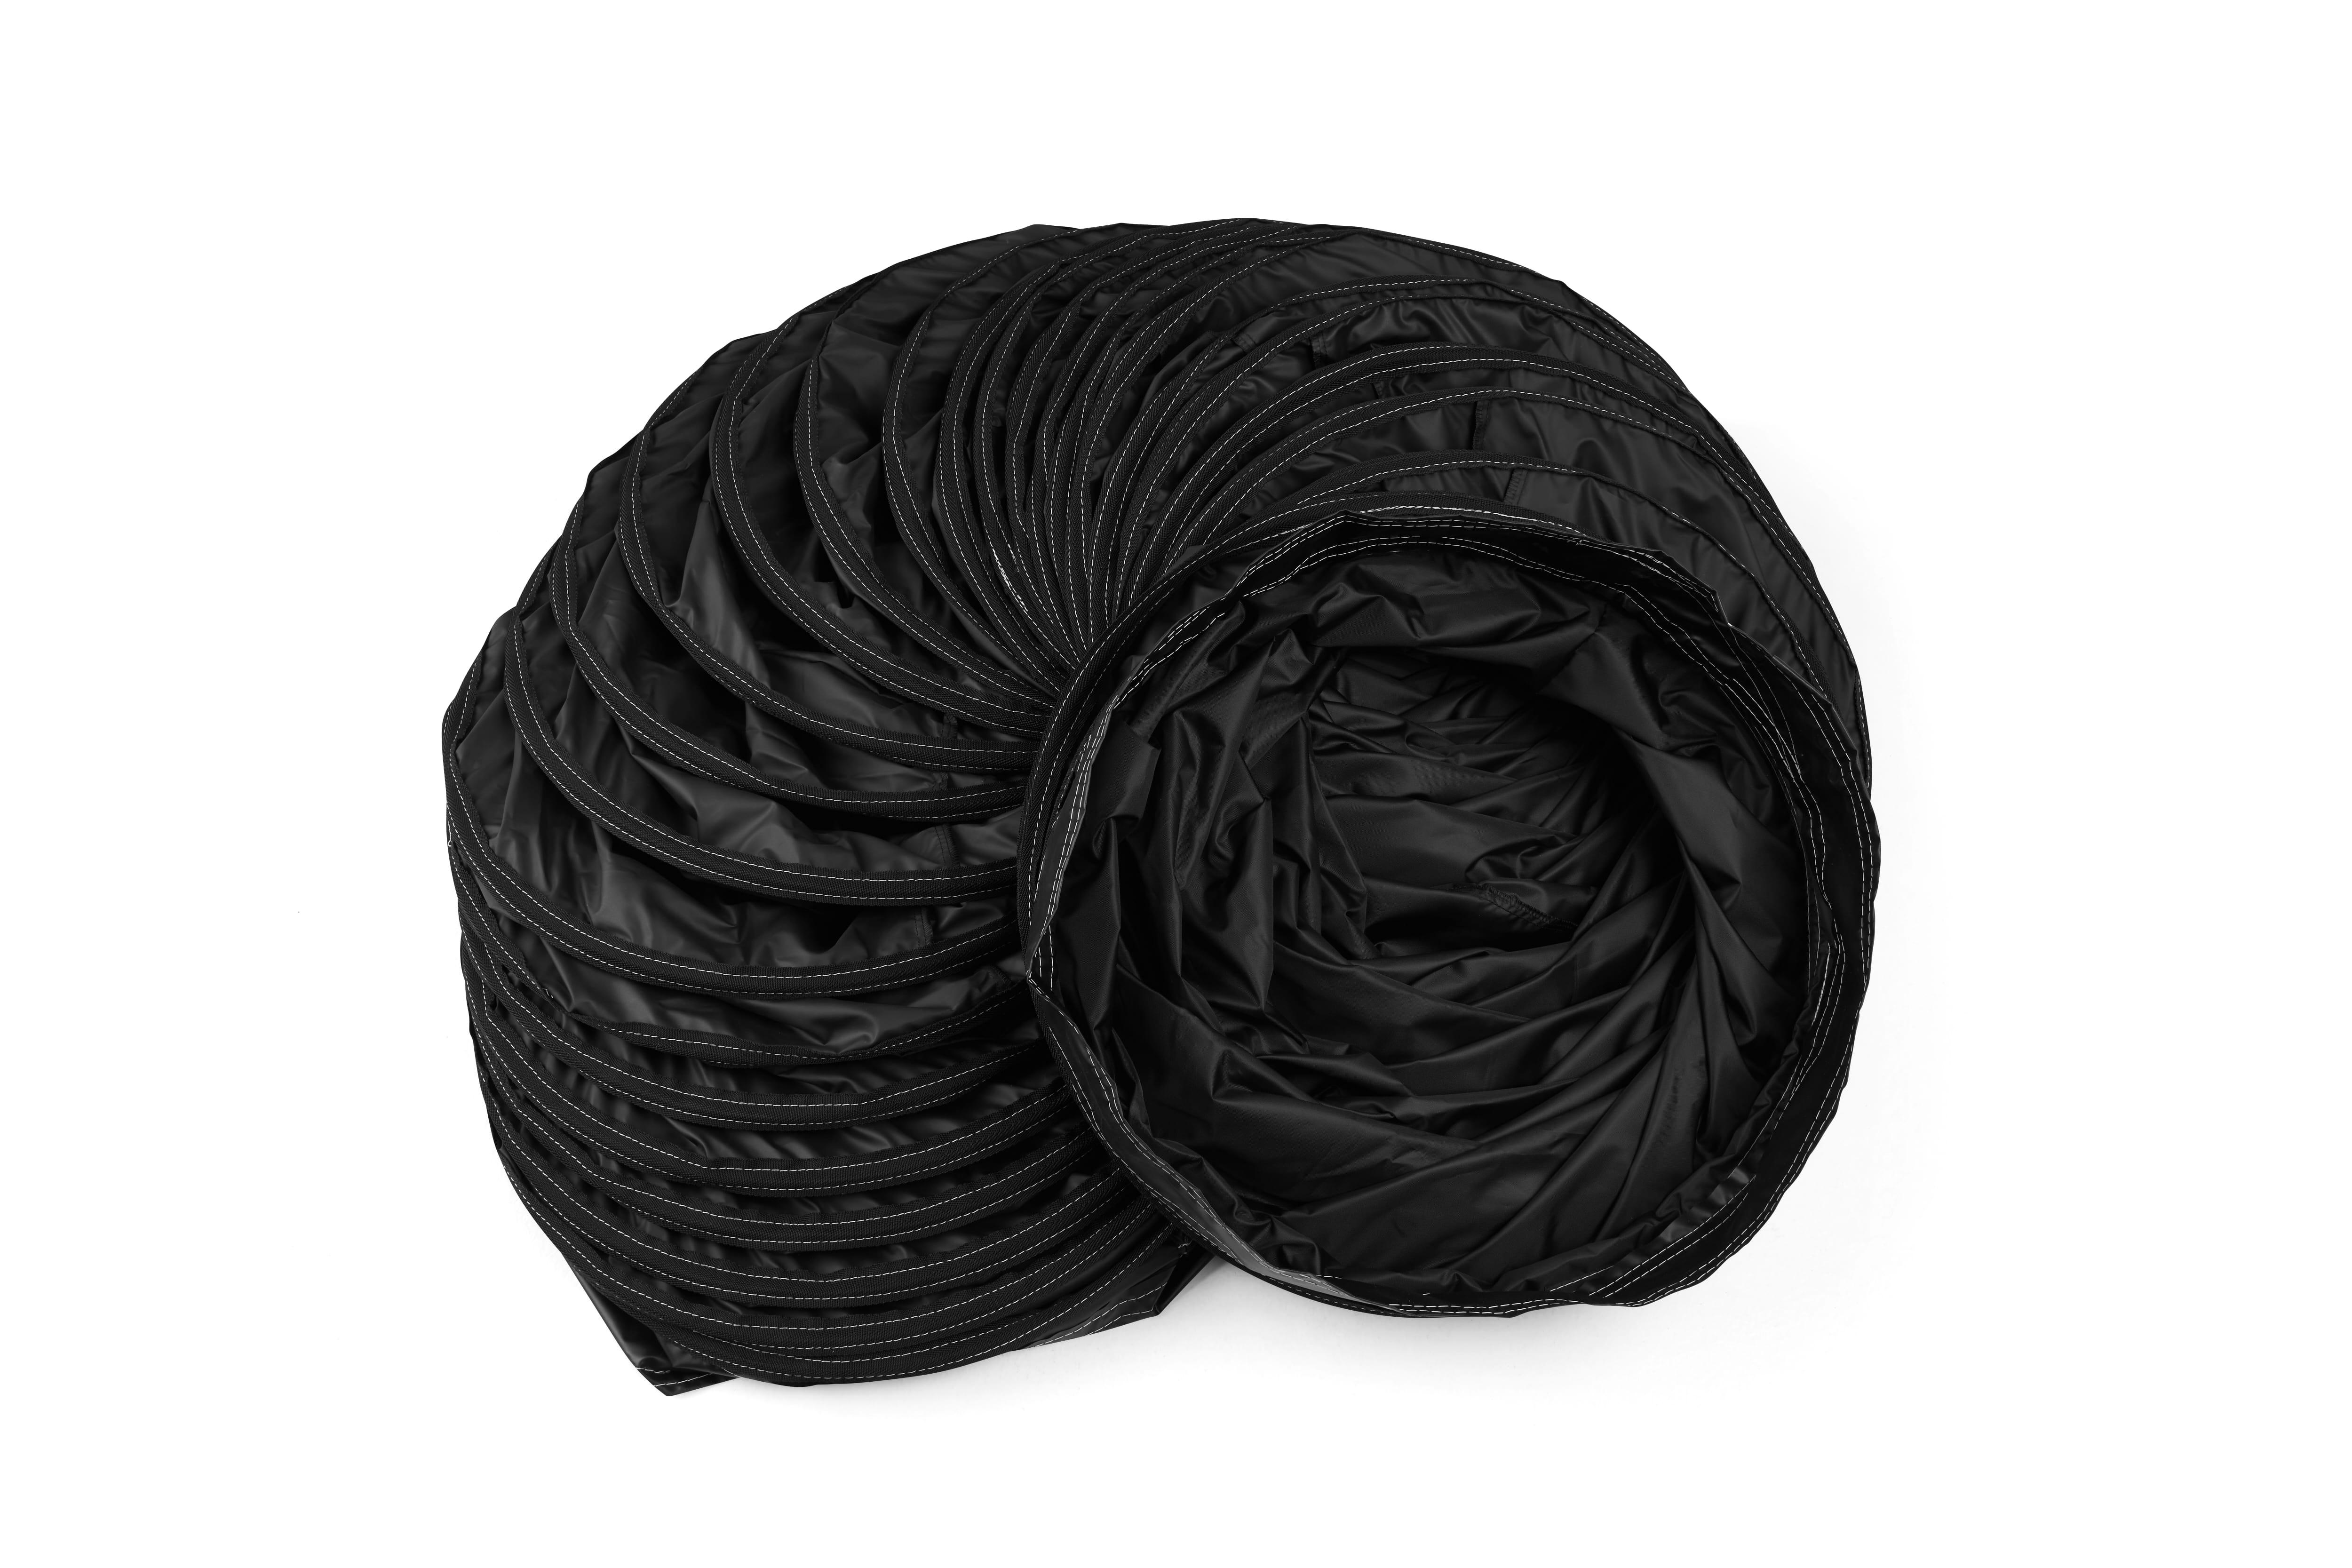 Warmluftschlauch aus PVC-freiem Spezialgewebe - Länge 7,6m Farbe gelb/schwarz - Beständig von -45°C bis ca. +145°C